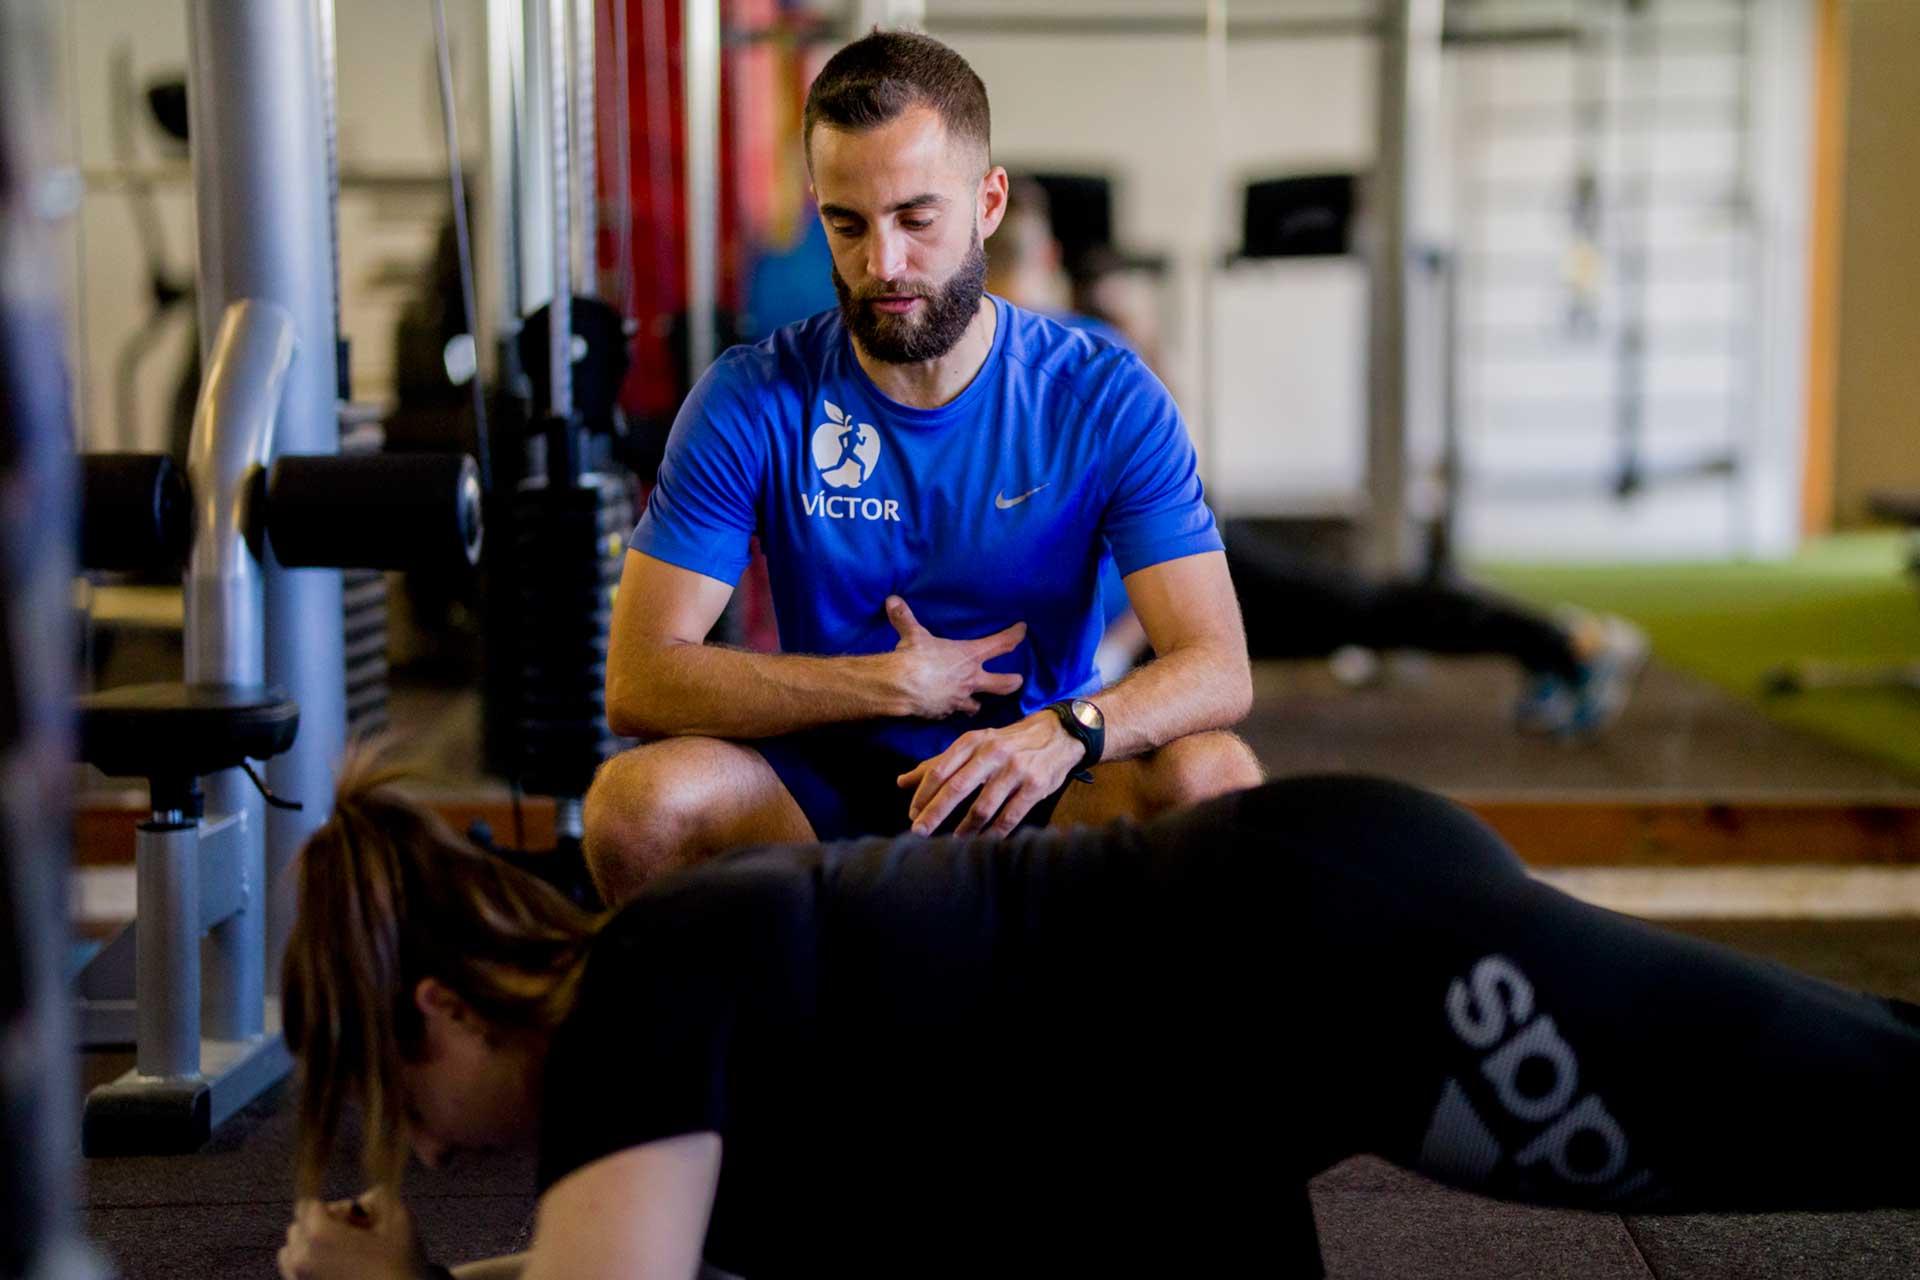 Trainers Marcos entrenamiento 6